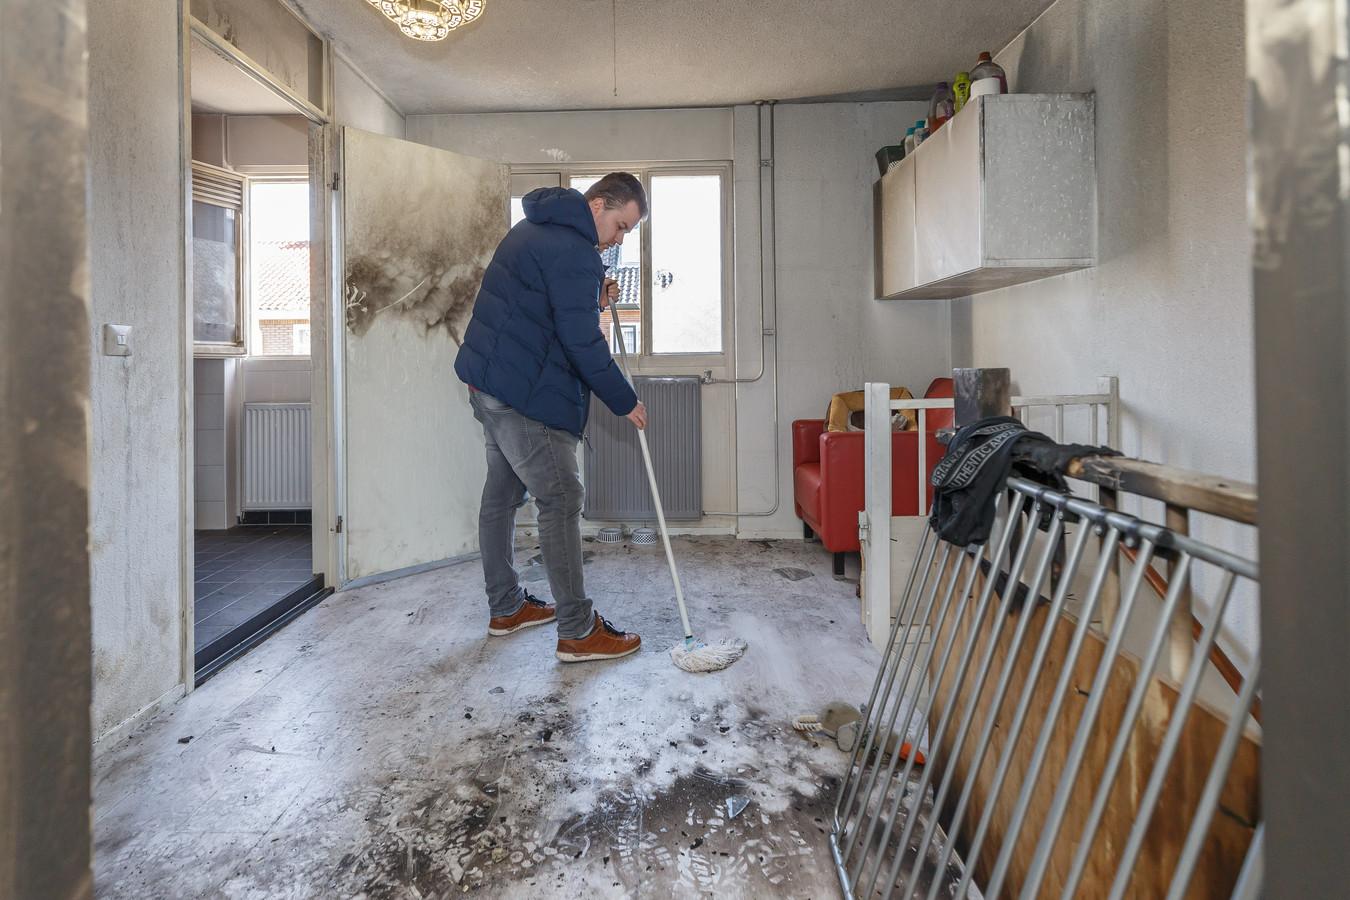 Dinkelberg probeert zijn woning weer een beetje op orde te krijgen.